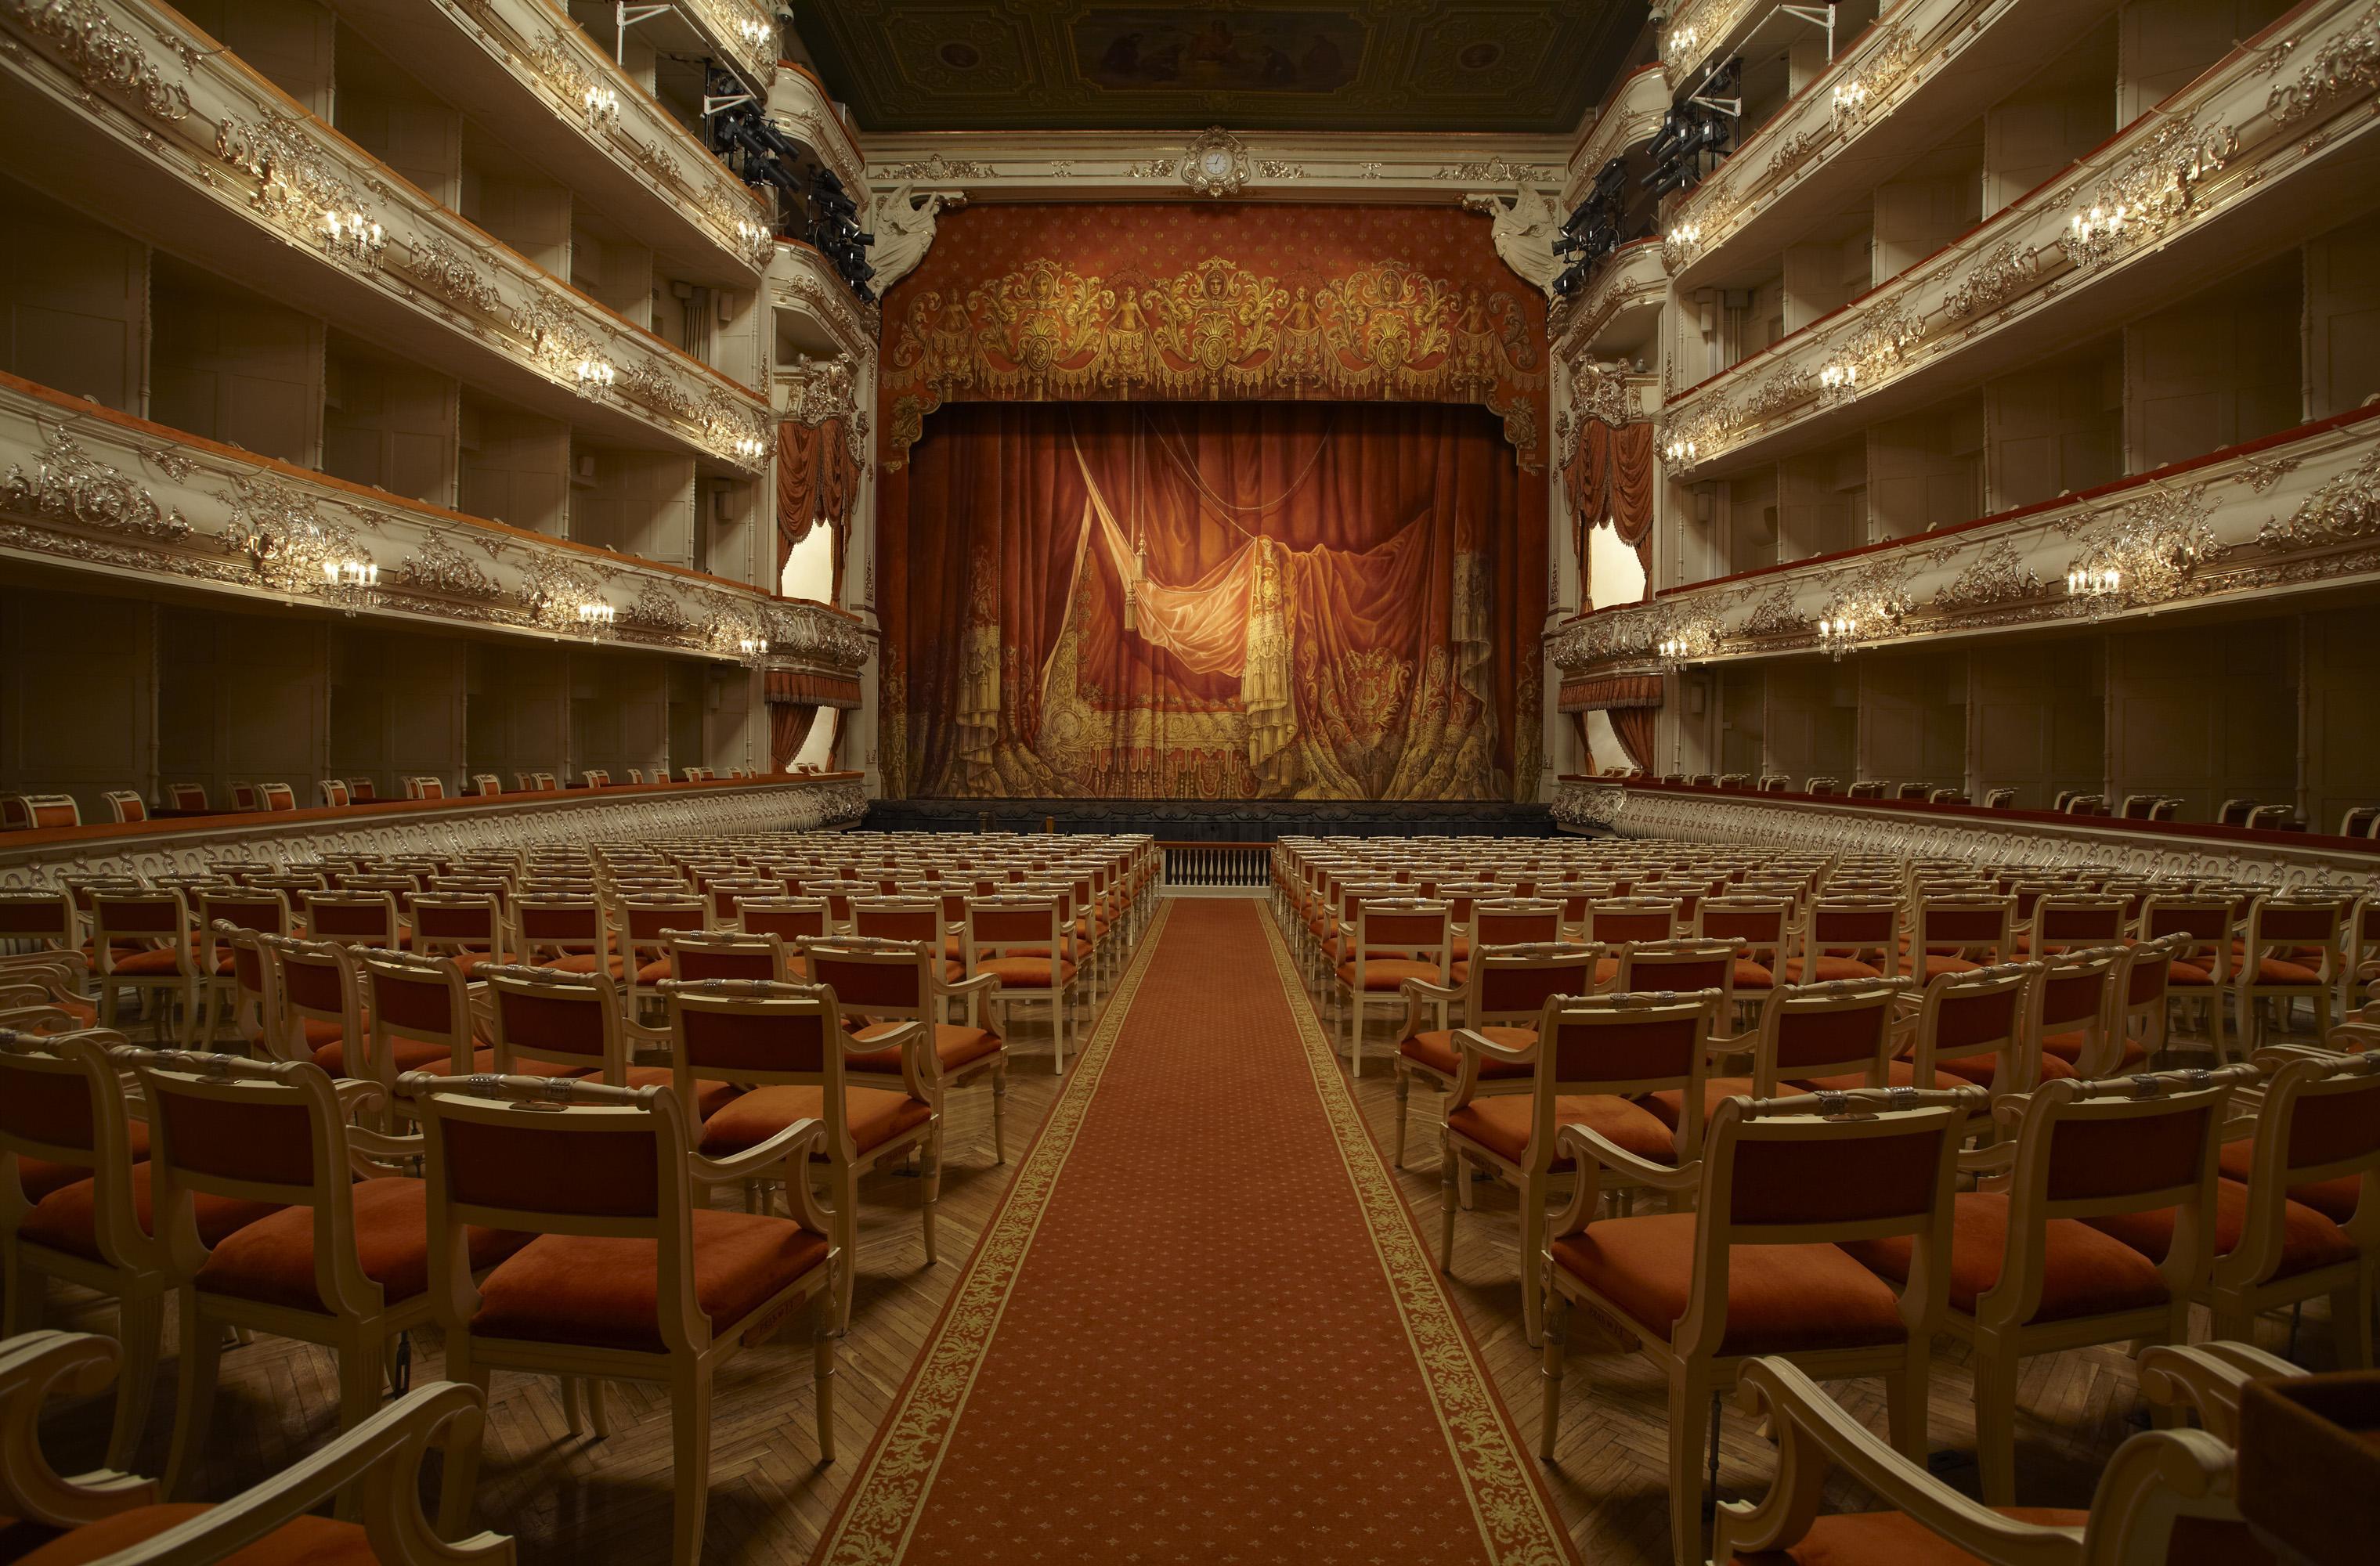 Билеты в михайловский театр официальный сайт цена афиша расписание кино белгород